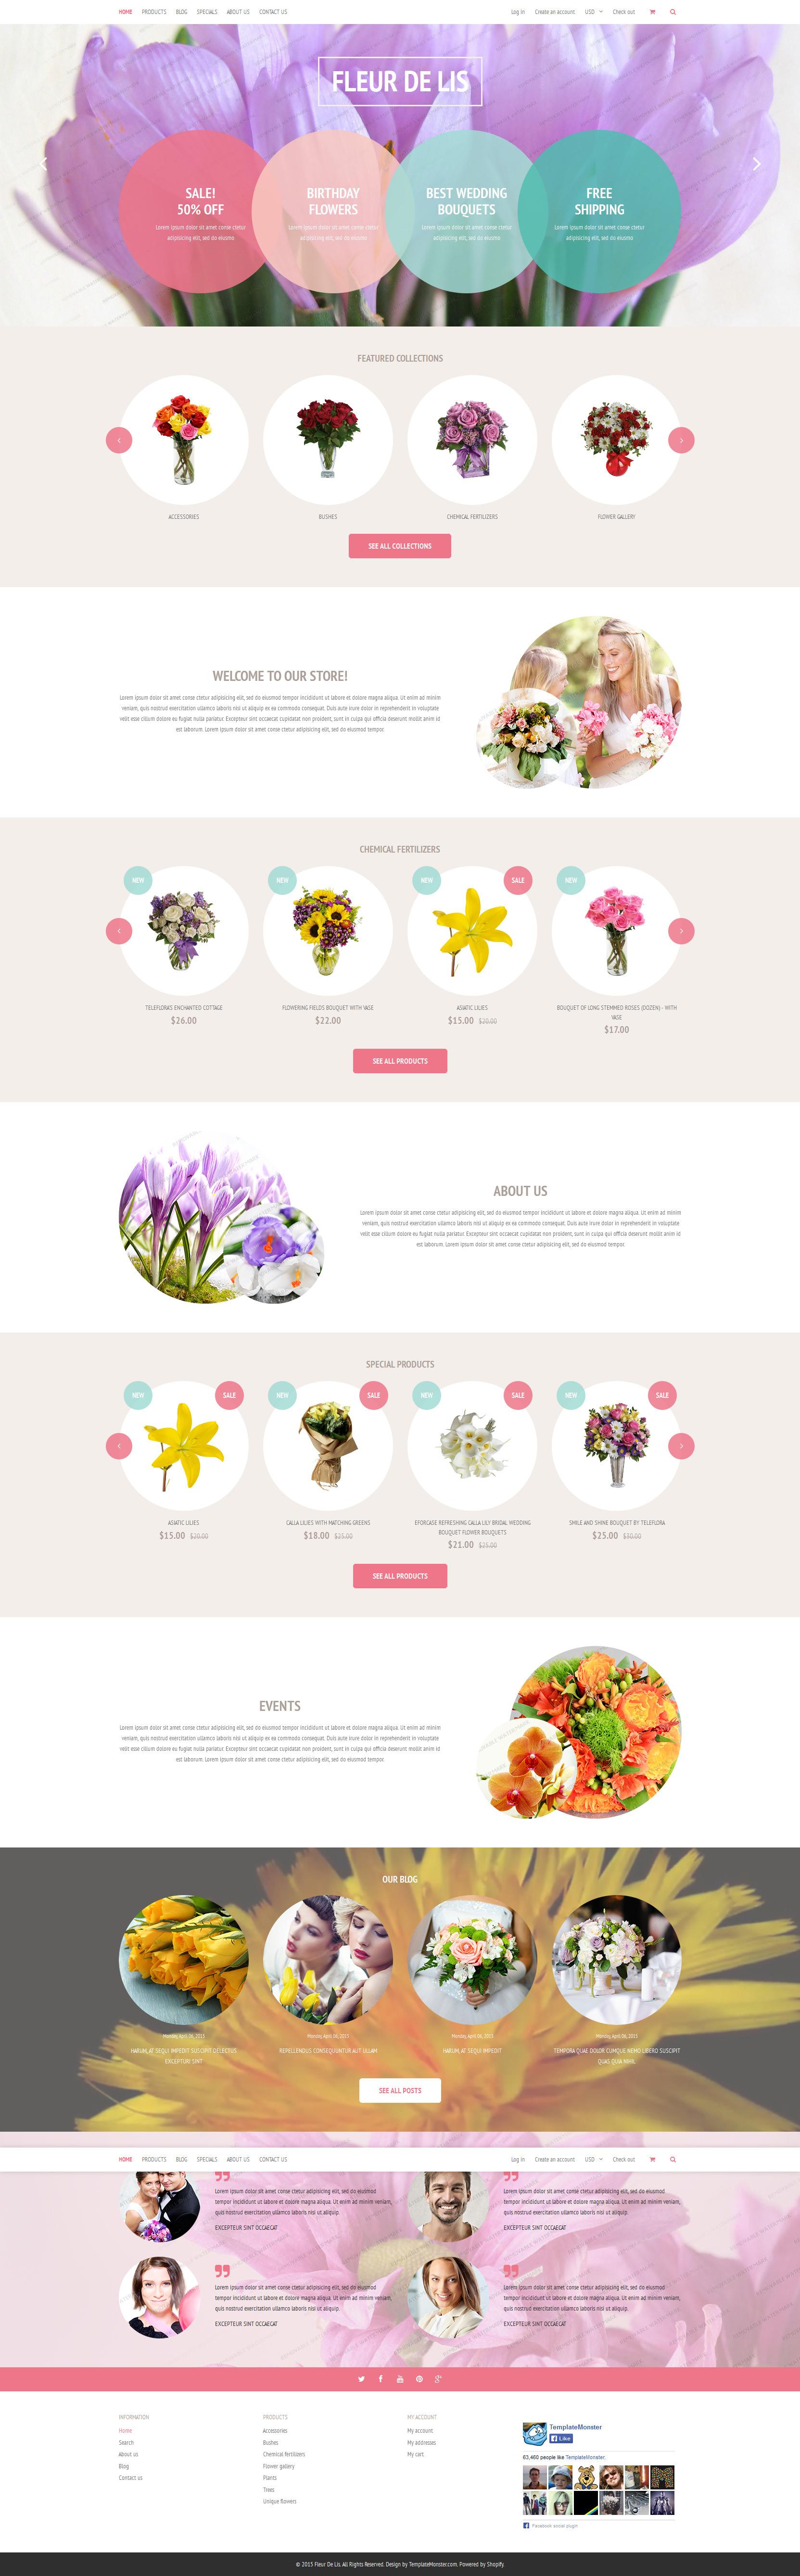 Fleur de lis Shopify Theme